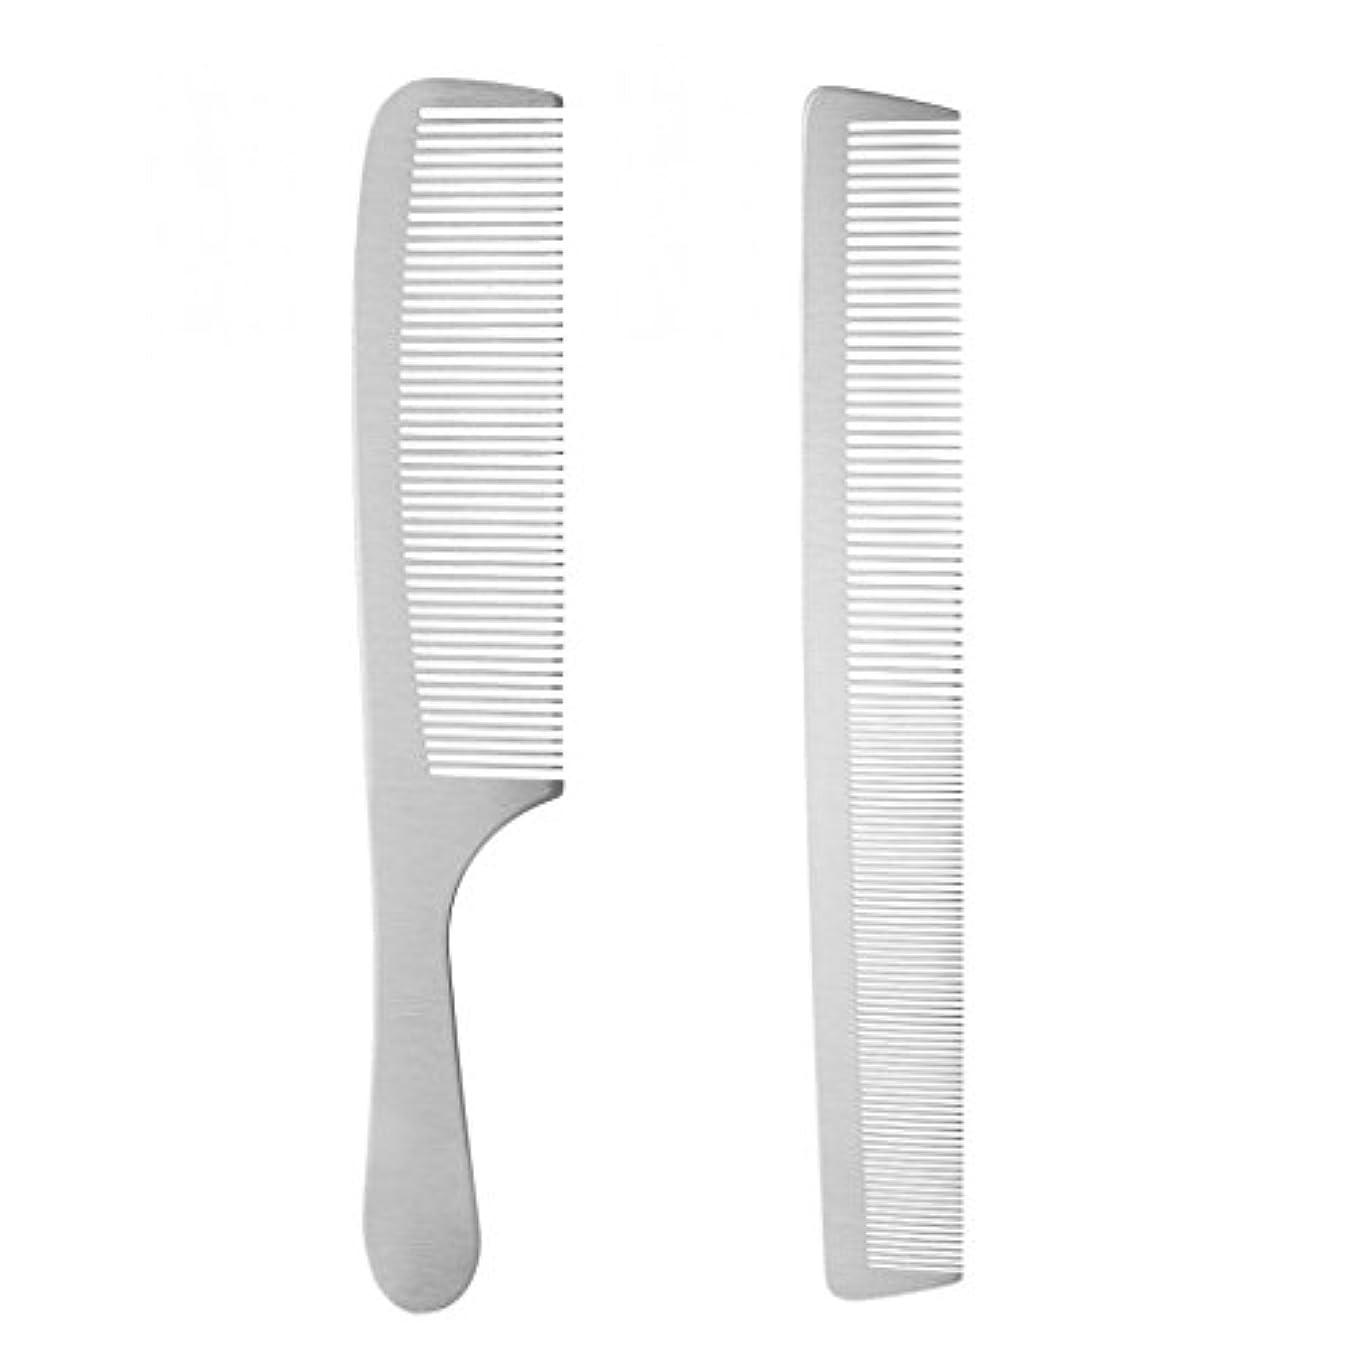 ノベルティ違法引く2倍美容院ヘアカットツールヘアスタイリングブラシヘアスタイリングくし理容ツール